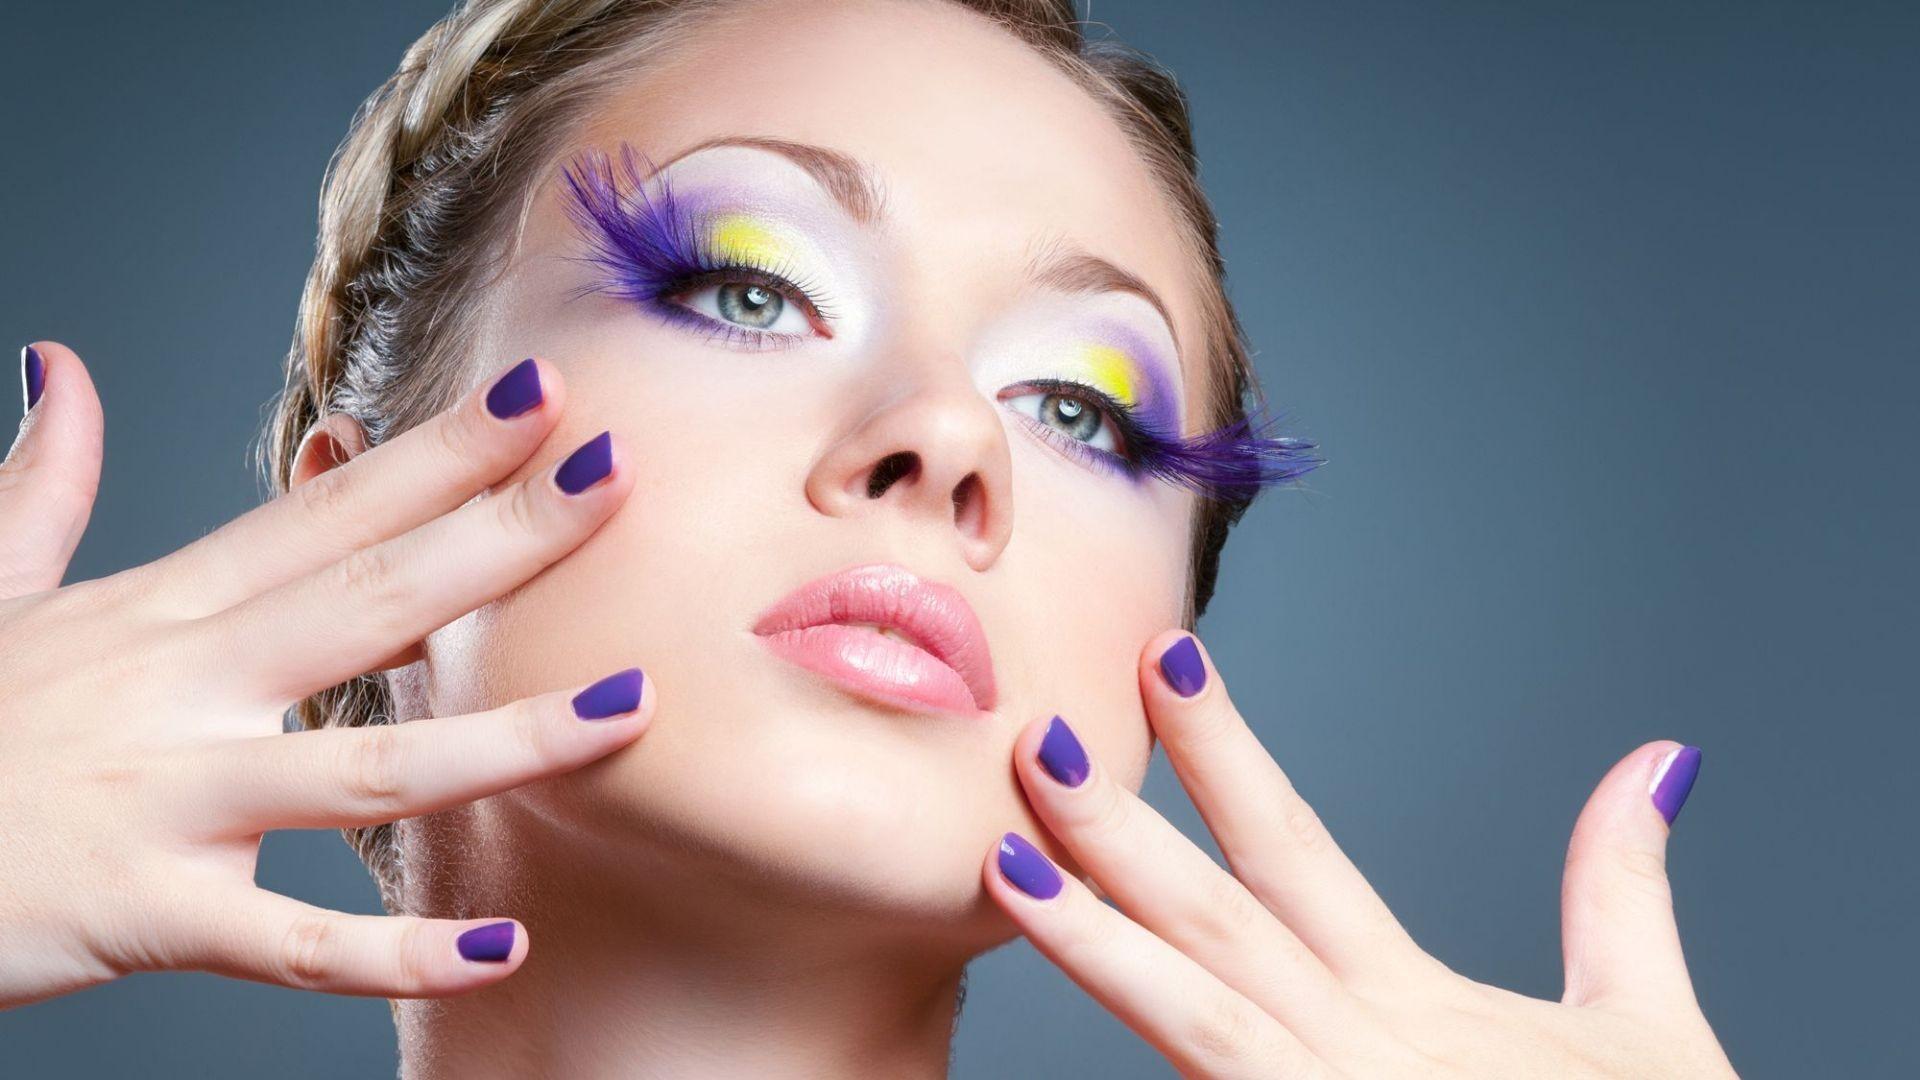 000 manicura maquillaje estetica belleza mujer